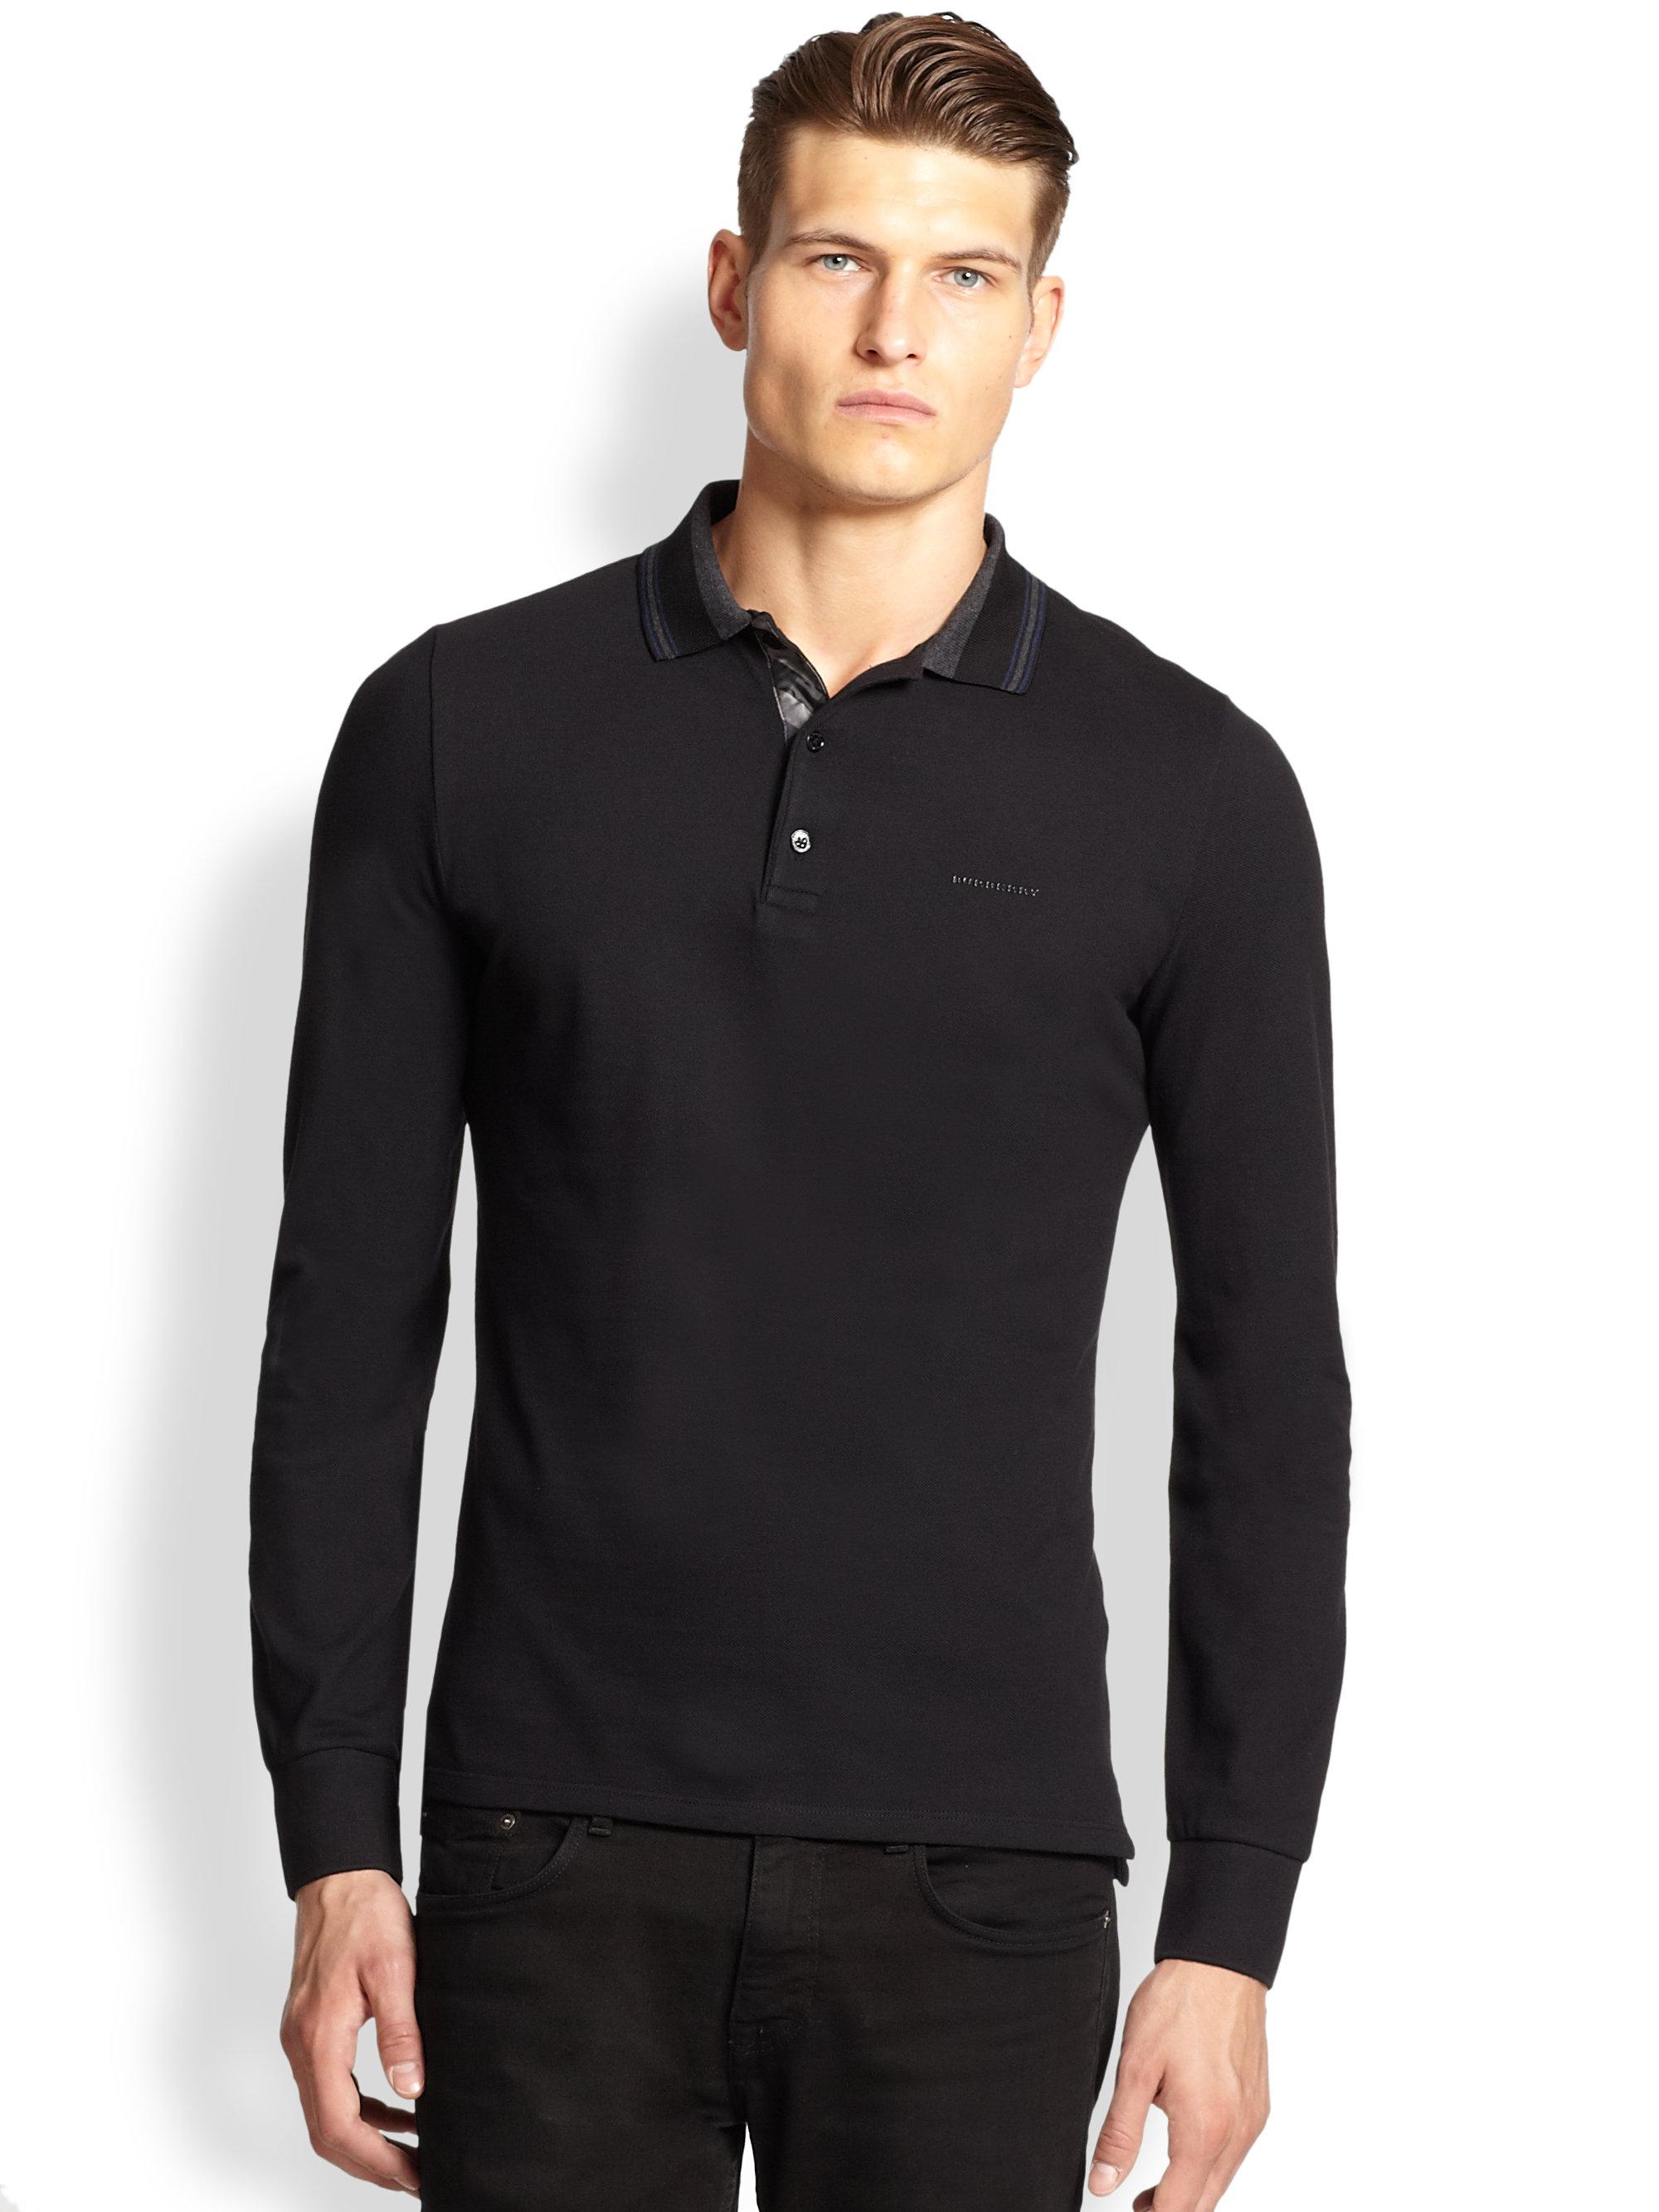 Burberry London Addington Longsleeve Polo Shirt In Black